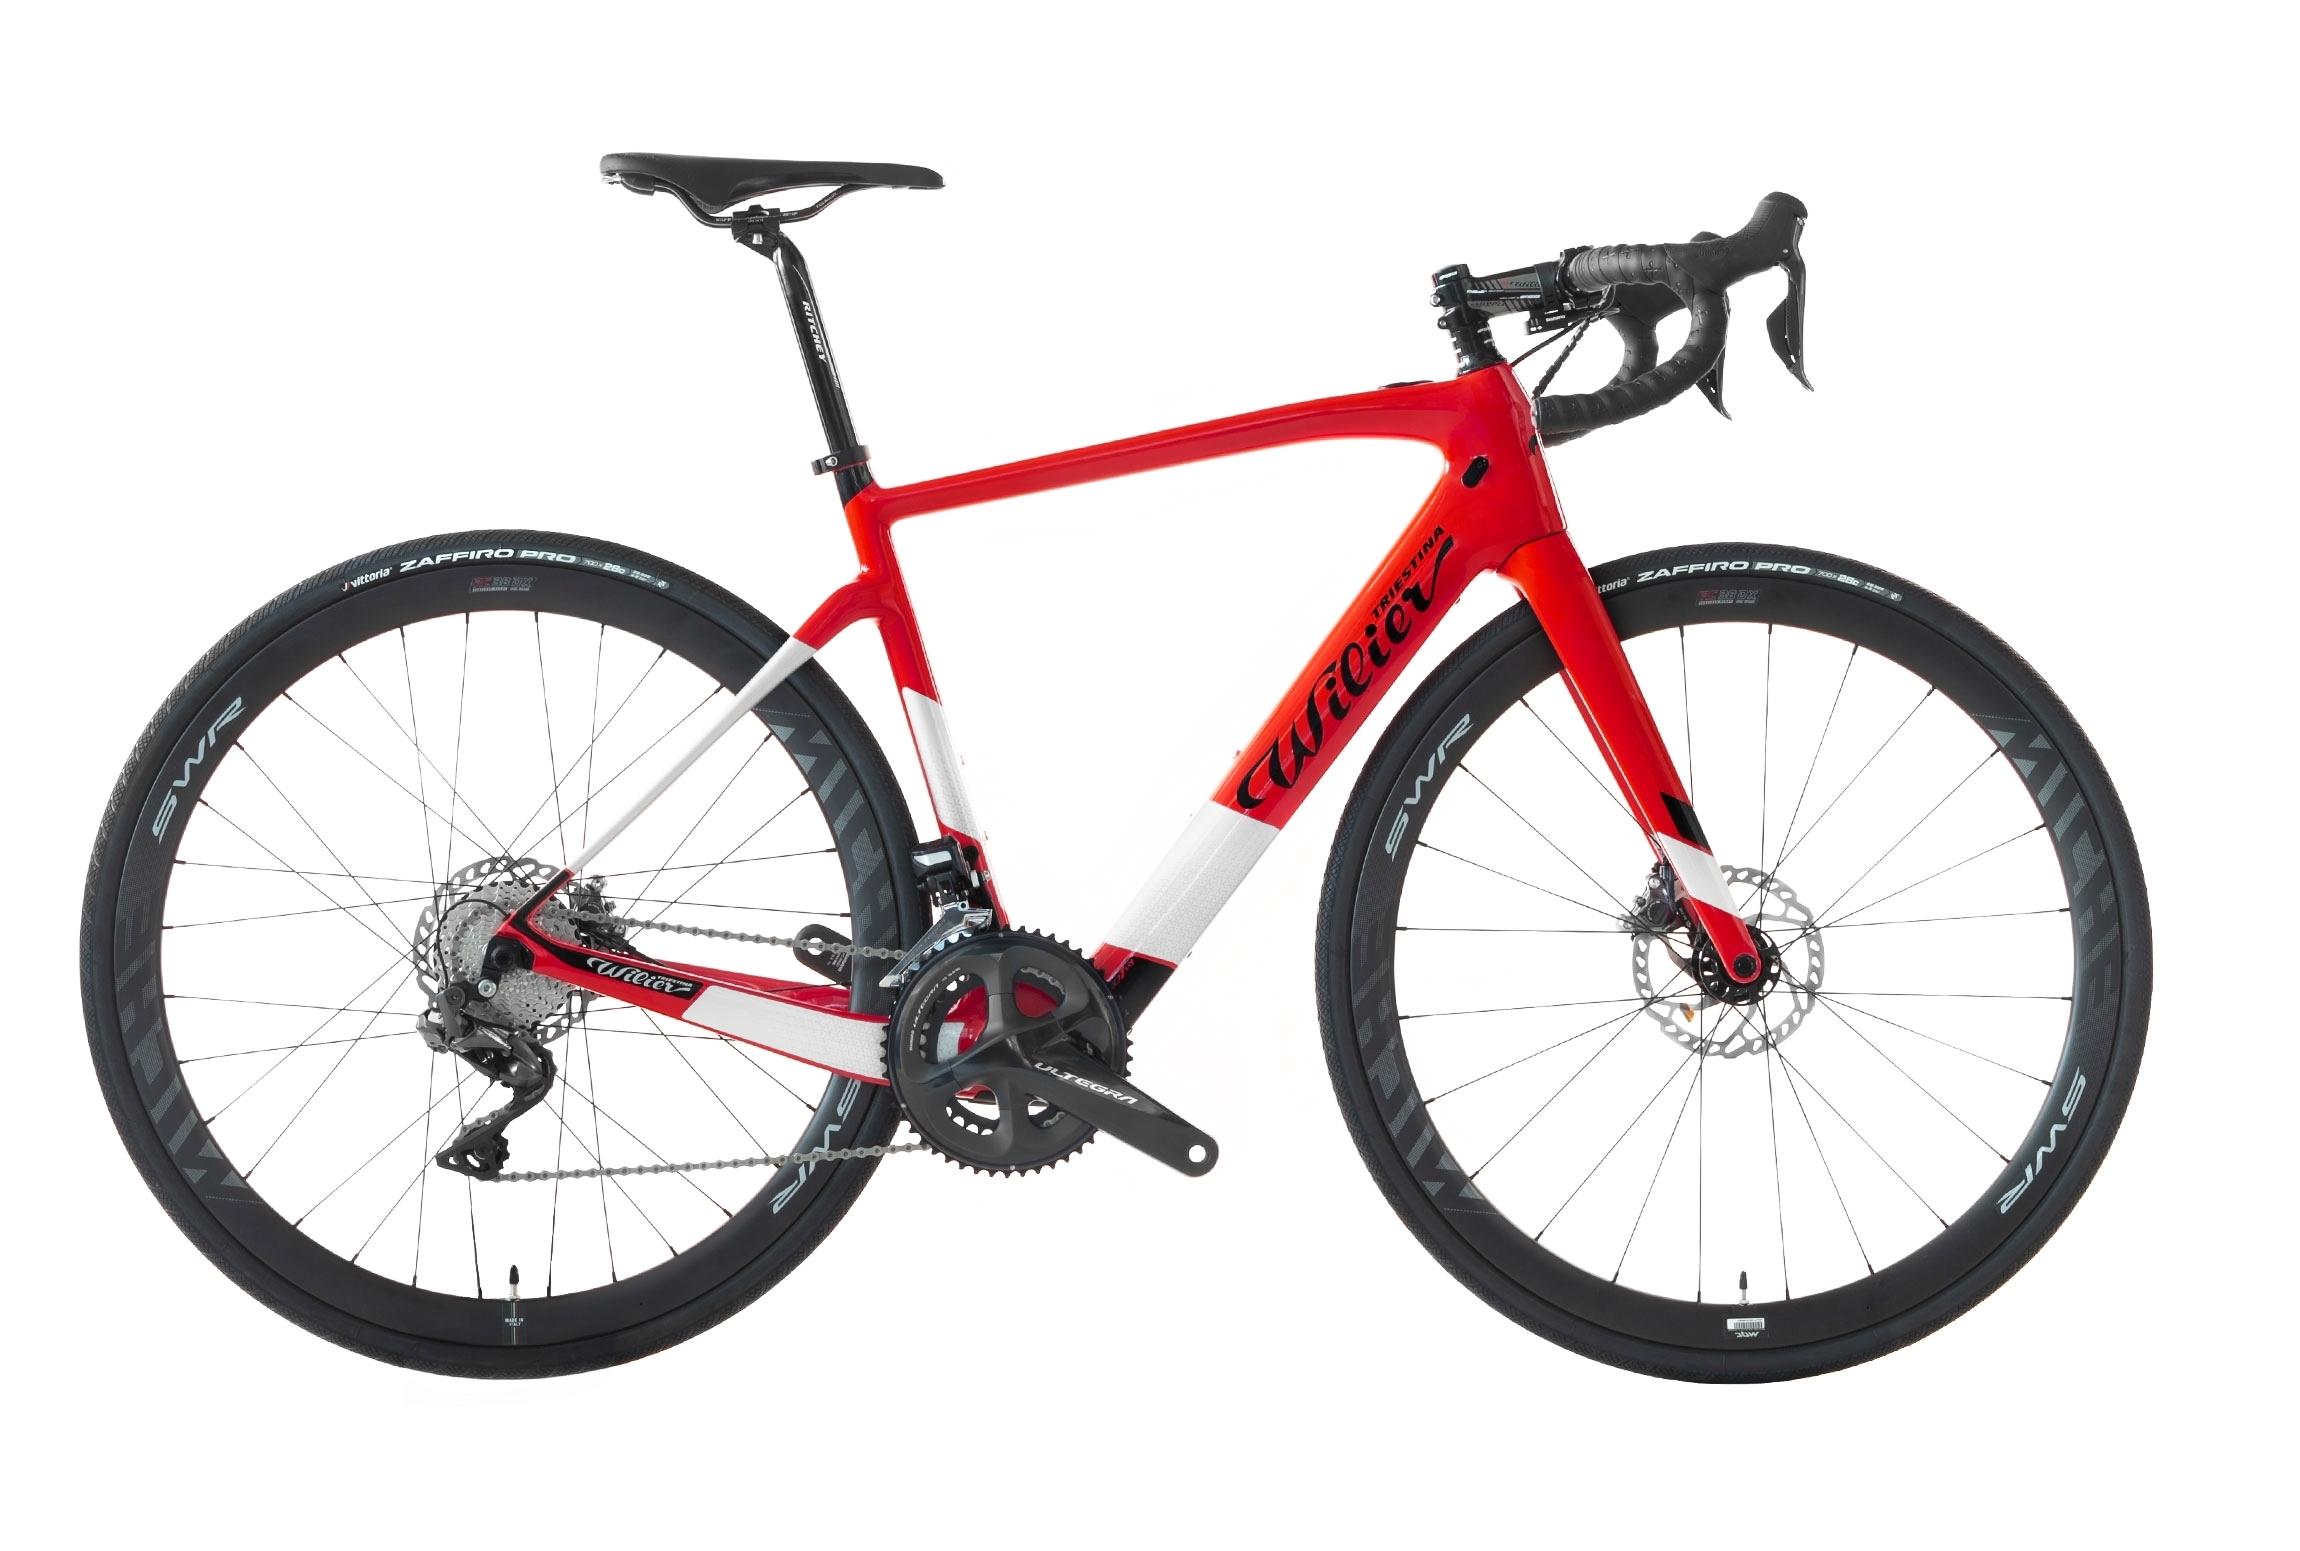 kolo CENTO1HY + ULTEGRA R8020 + MICHE red glossy L